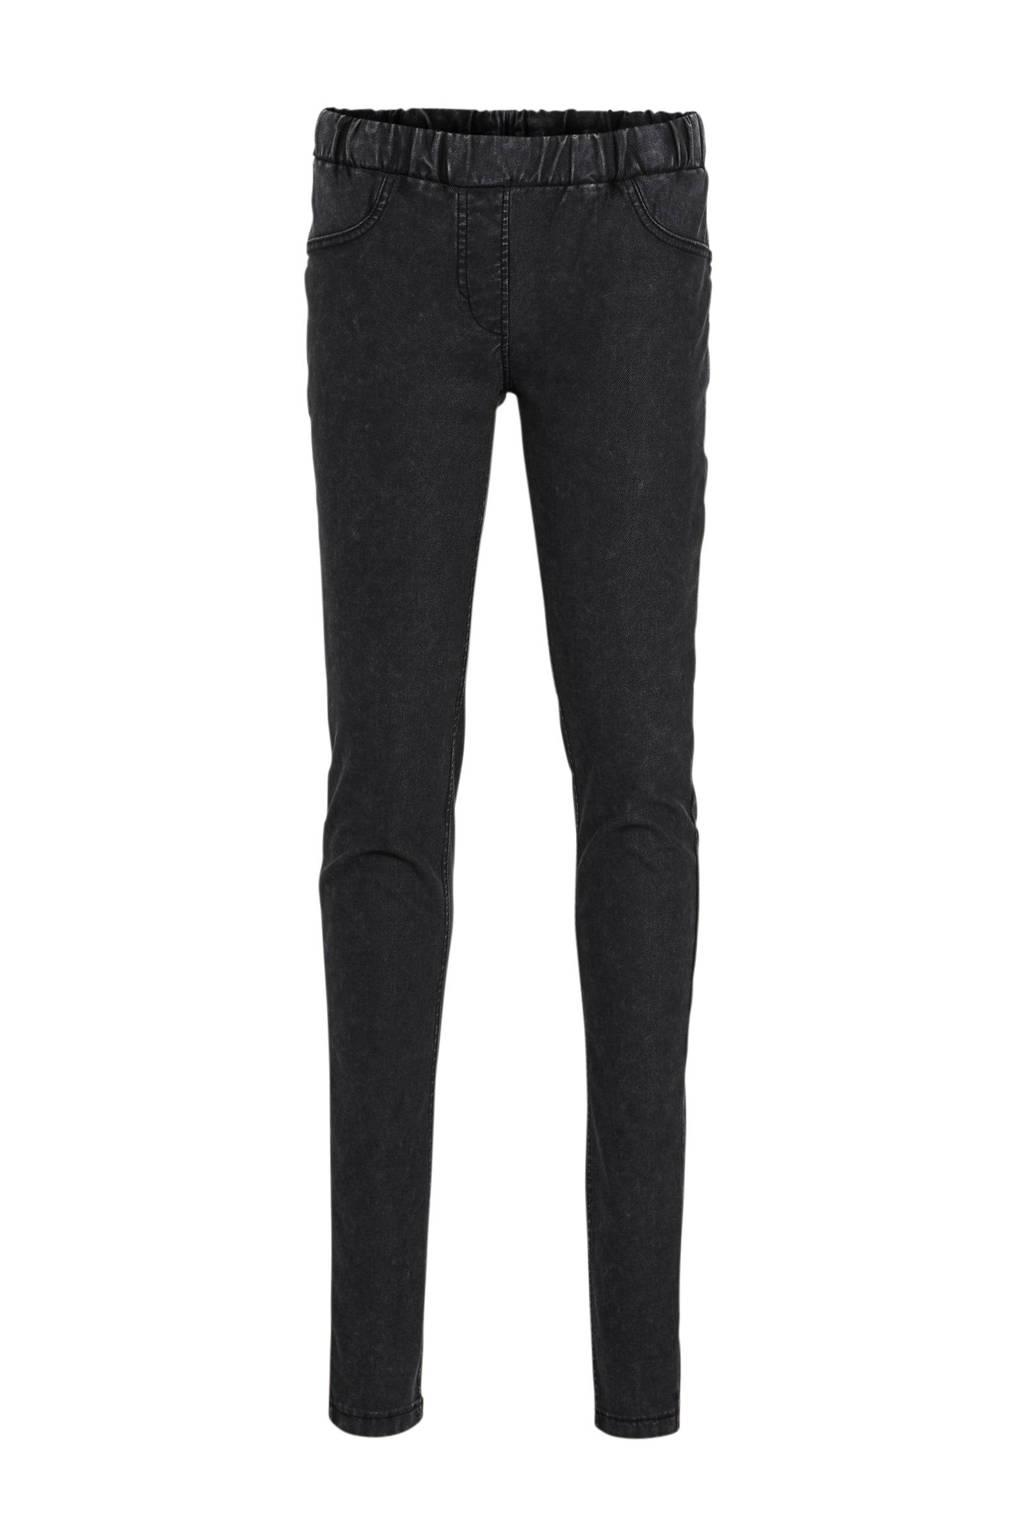 s.Oliver legging zwart, Zwart